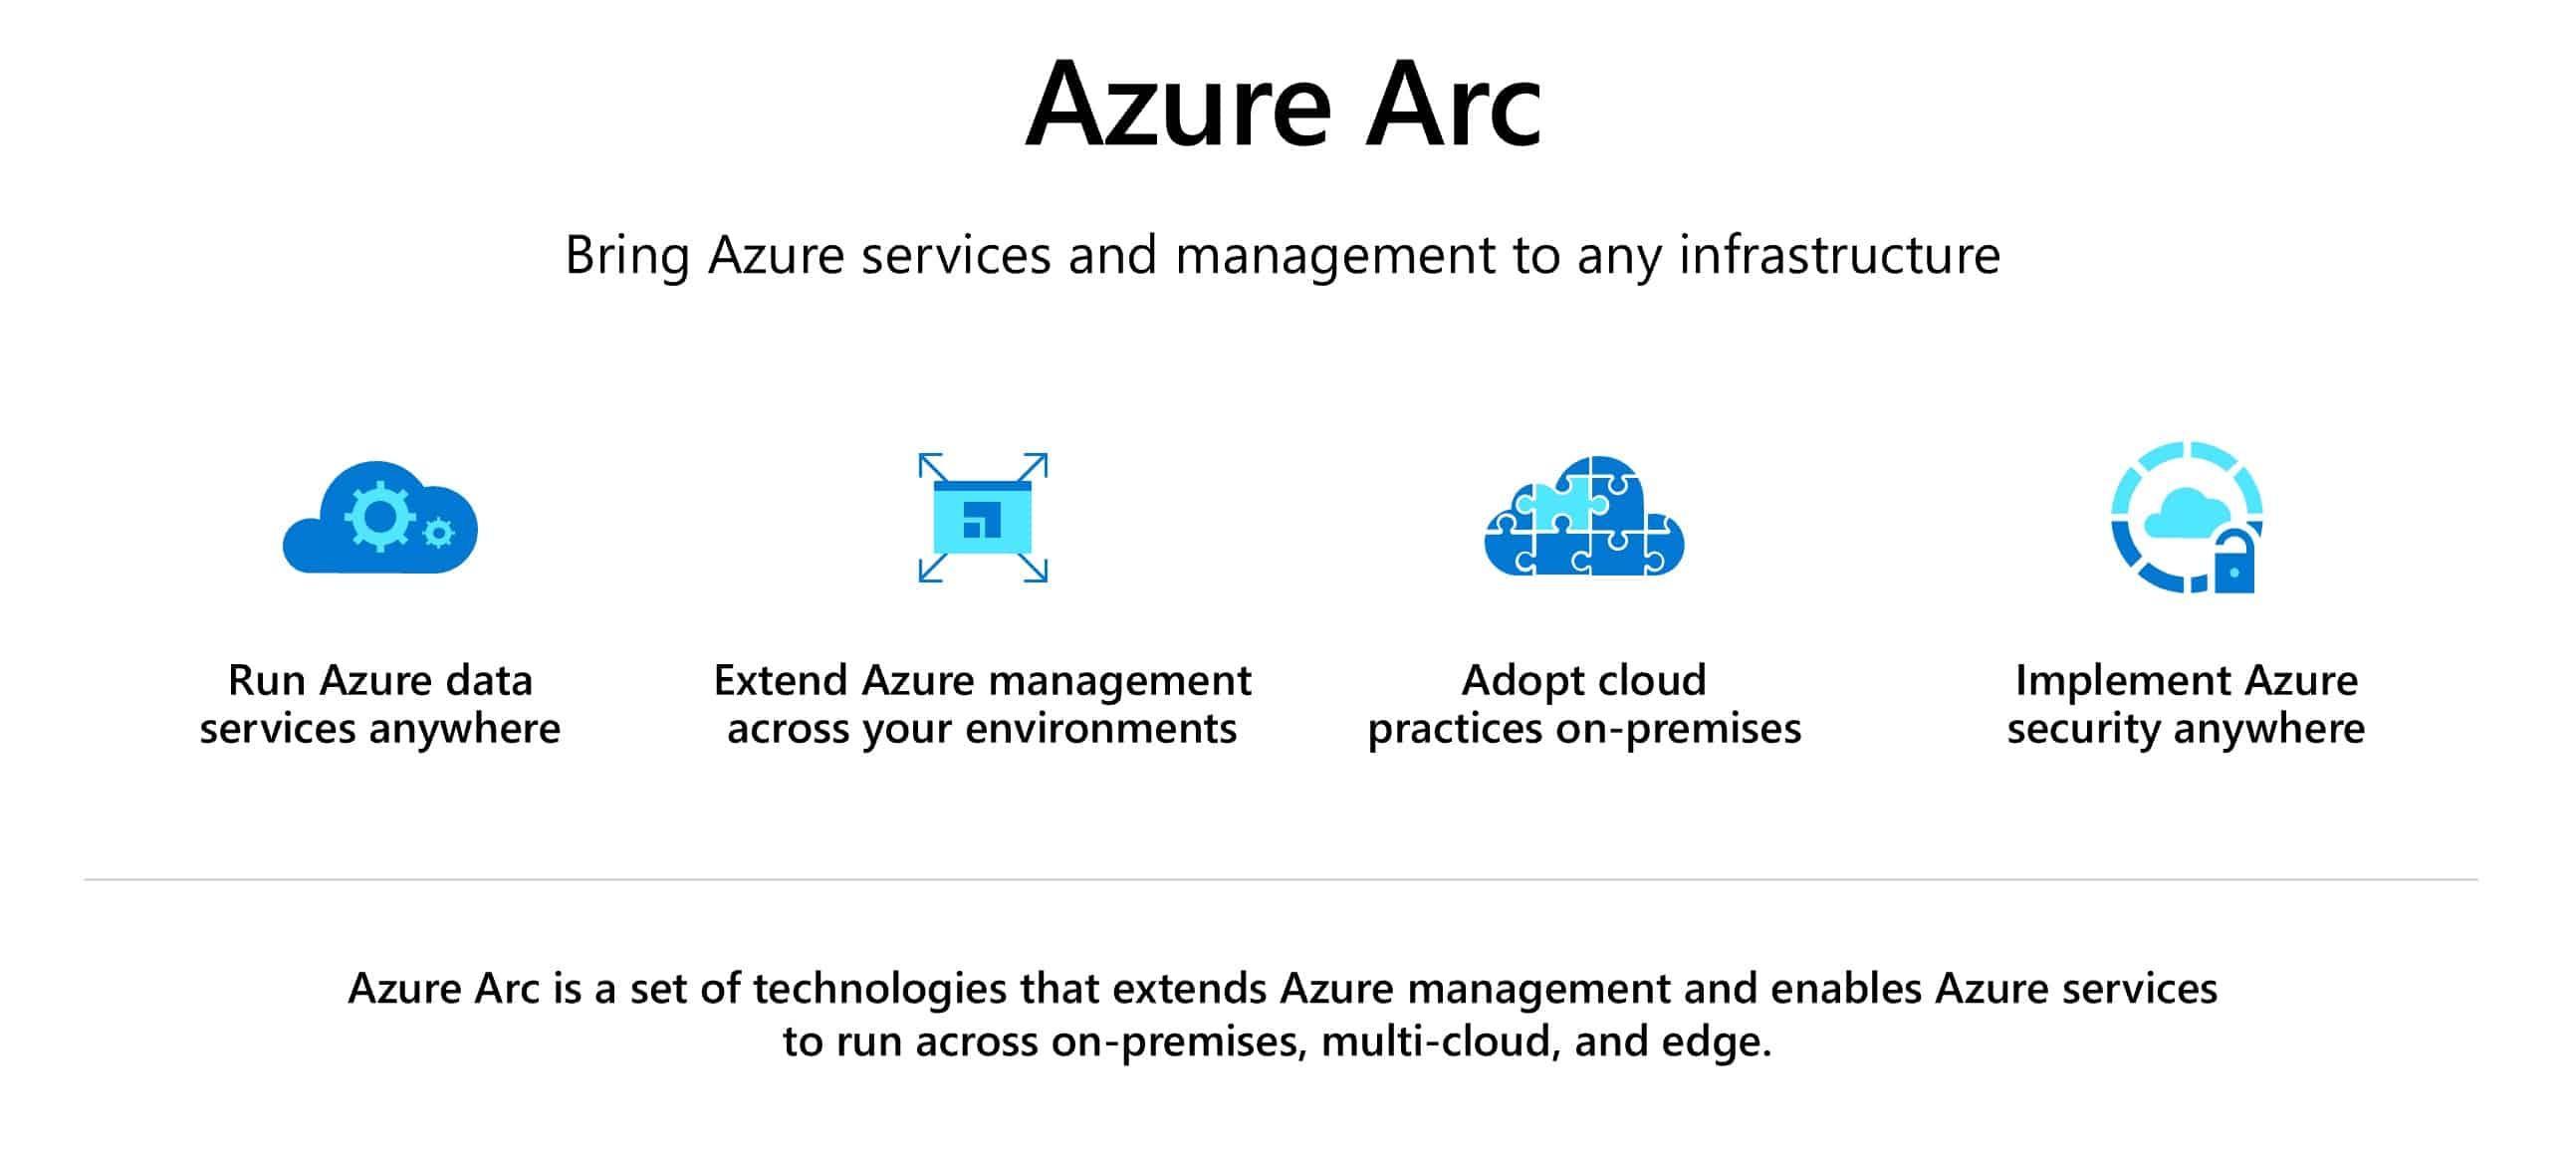 C:\Users\Cotocus5\Desktop\Azure-Arc-Overview.jpg